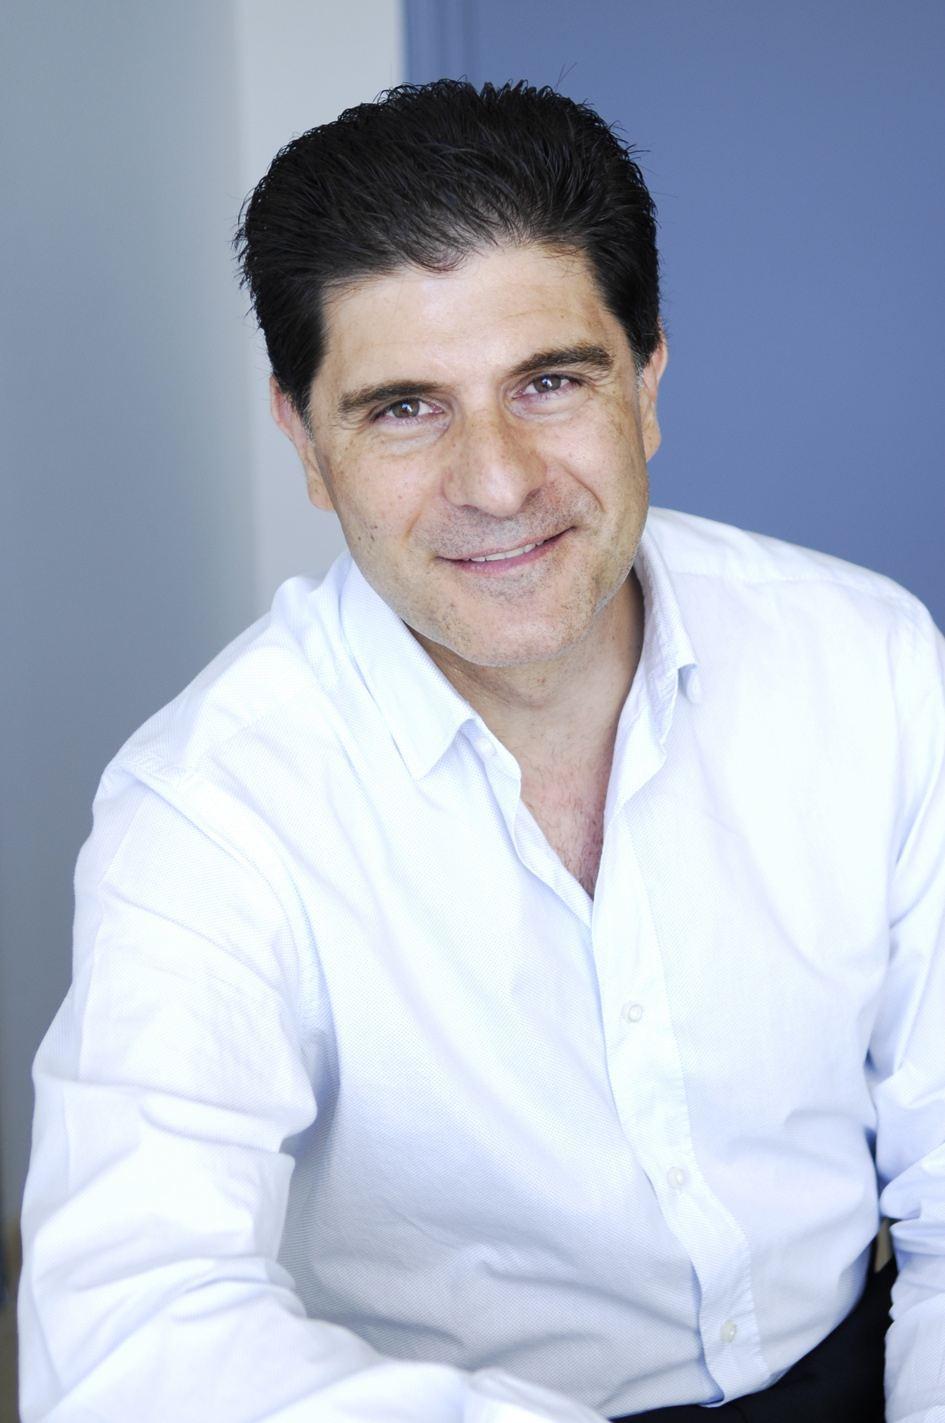 Juan Carlos Padilla, médico y escritor el próximo jueves 26/02